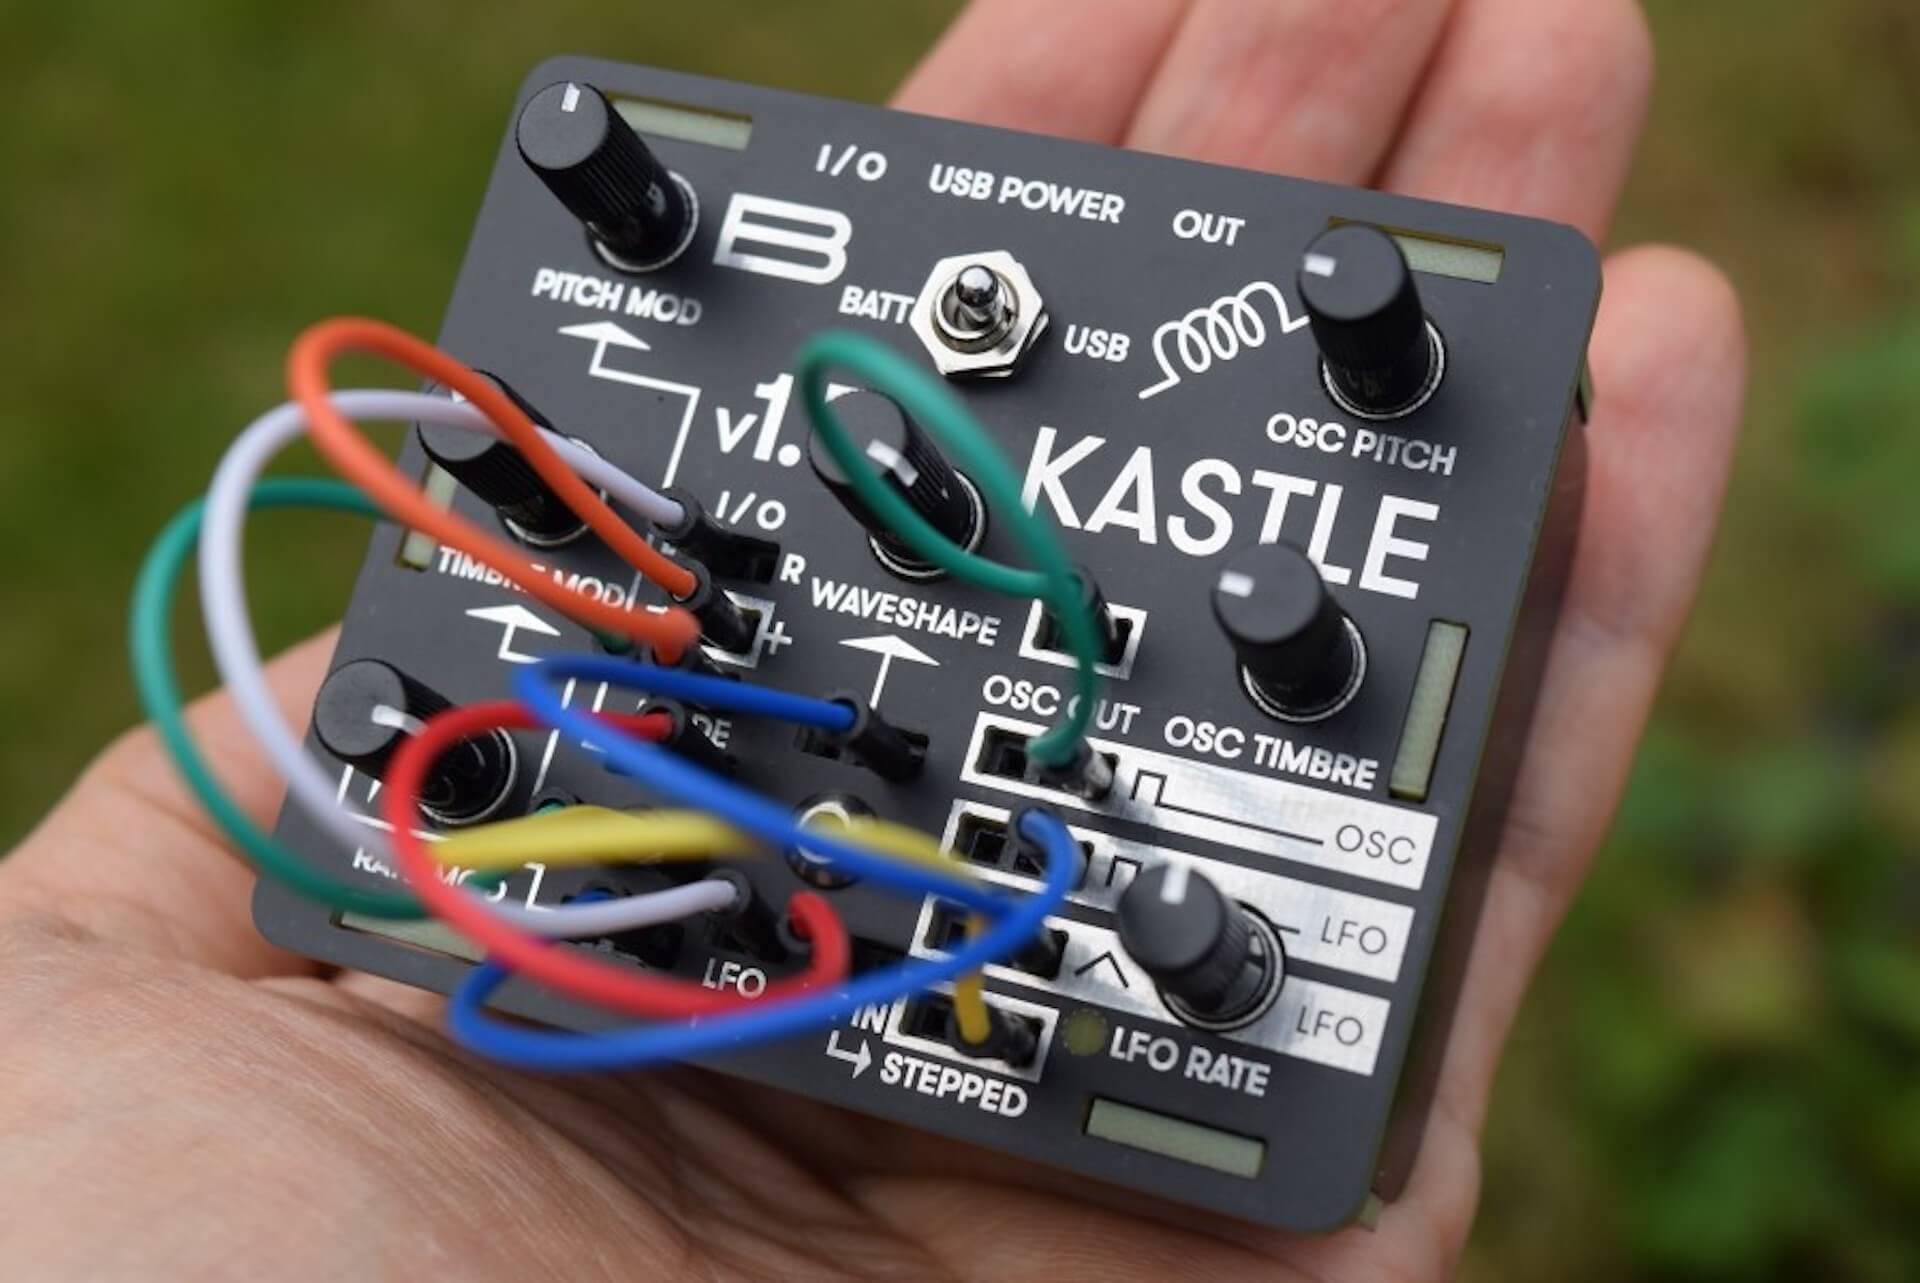 超小型モジュラー・シンセサイザー「KASTLE V1.5」のサウンドと魅力 054fe59b1adbb9dede746a612489e4be